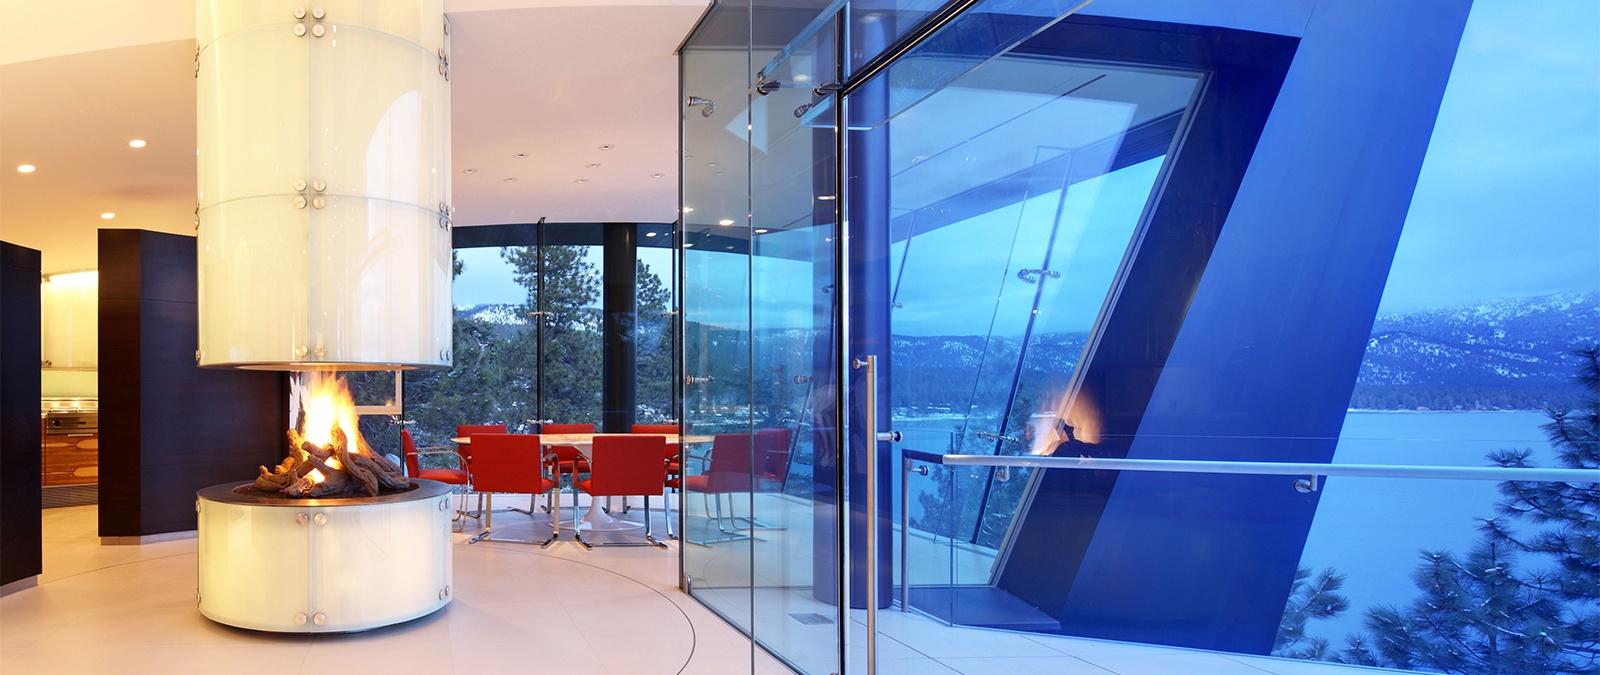 seven high-tech homes